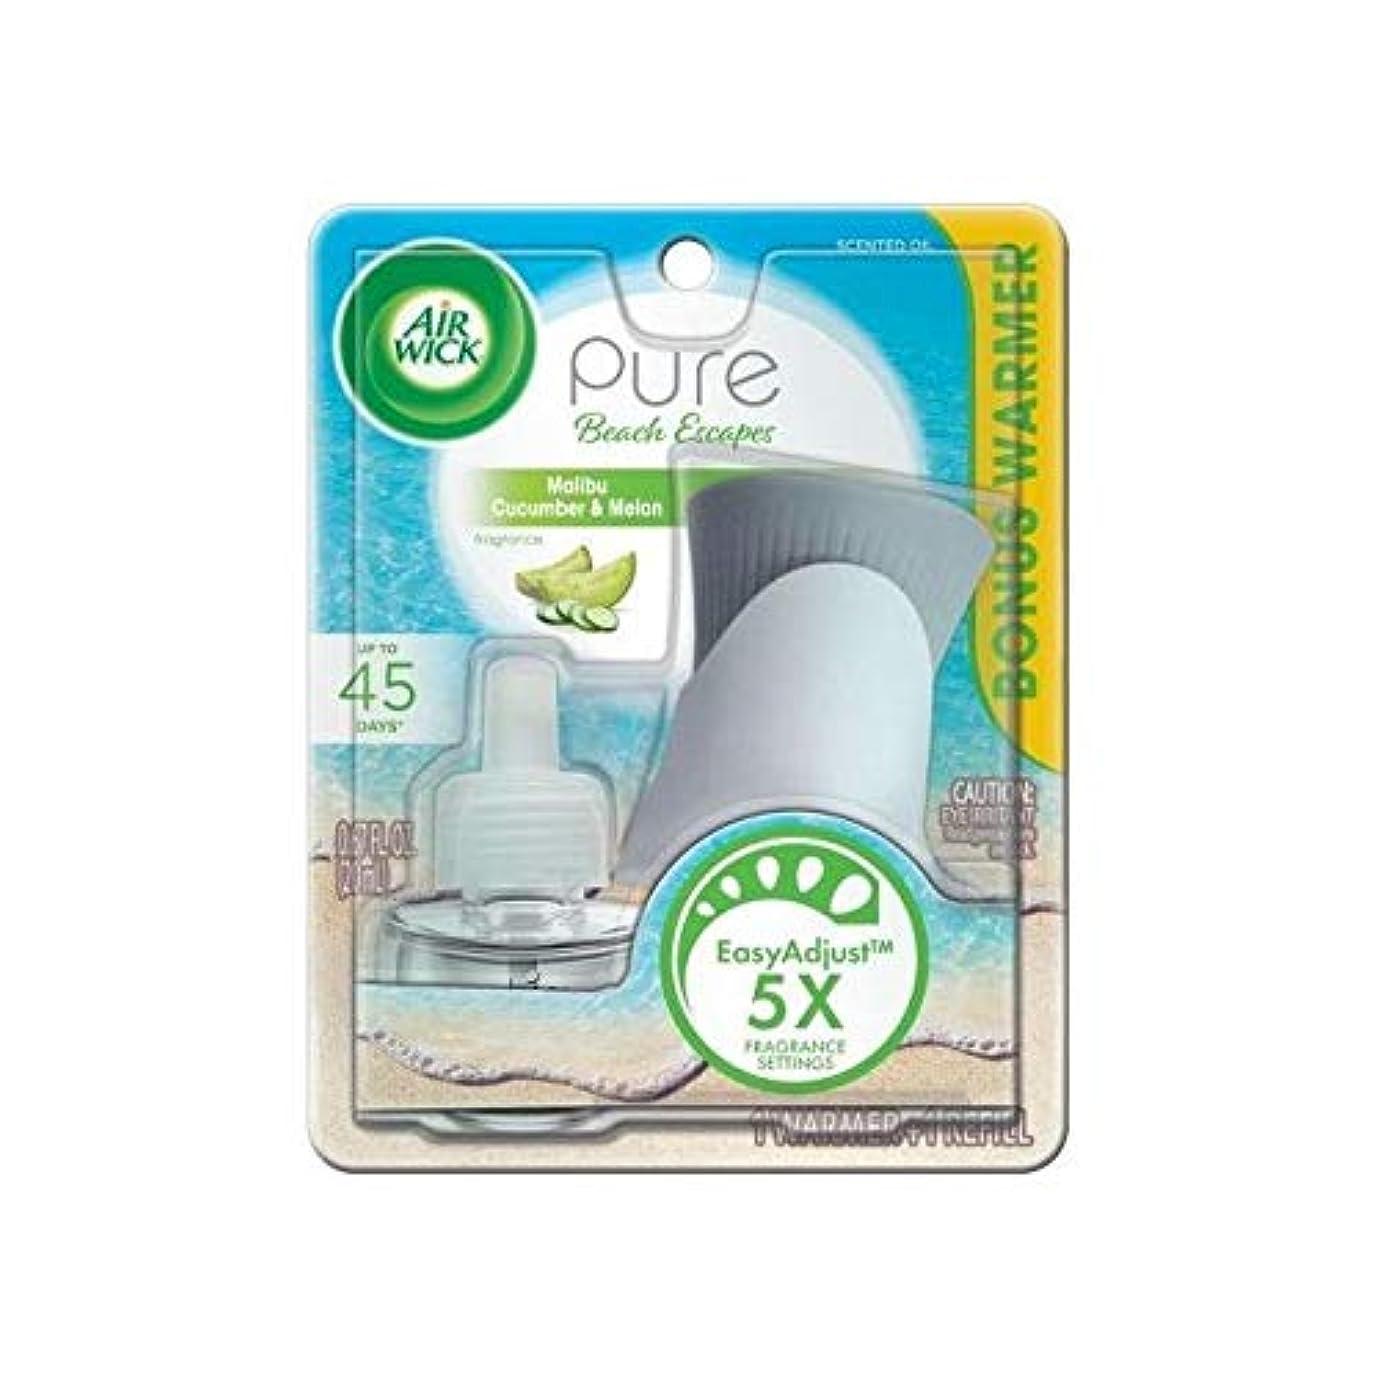 有名に頼る儀式【Air Wick/エアーウィック】 プラグインスターターセット オイルウォーマー本体+詰替えリフィル1個 マリブ キューカンバー&メロン Air Wick Pure Beach Escapes Malibu Cucumber & Melon Scented Oil Starter Kit [並行輸入品]